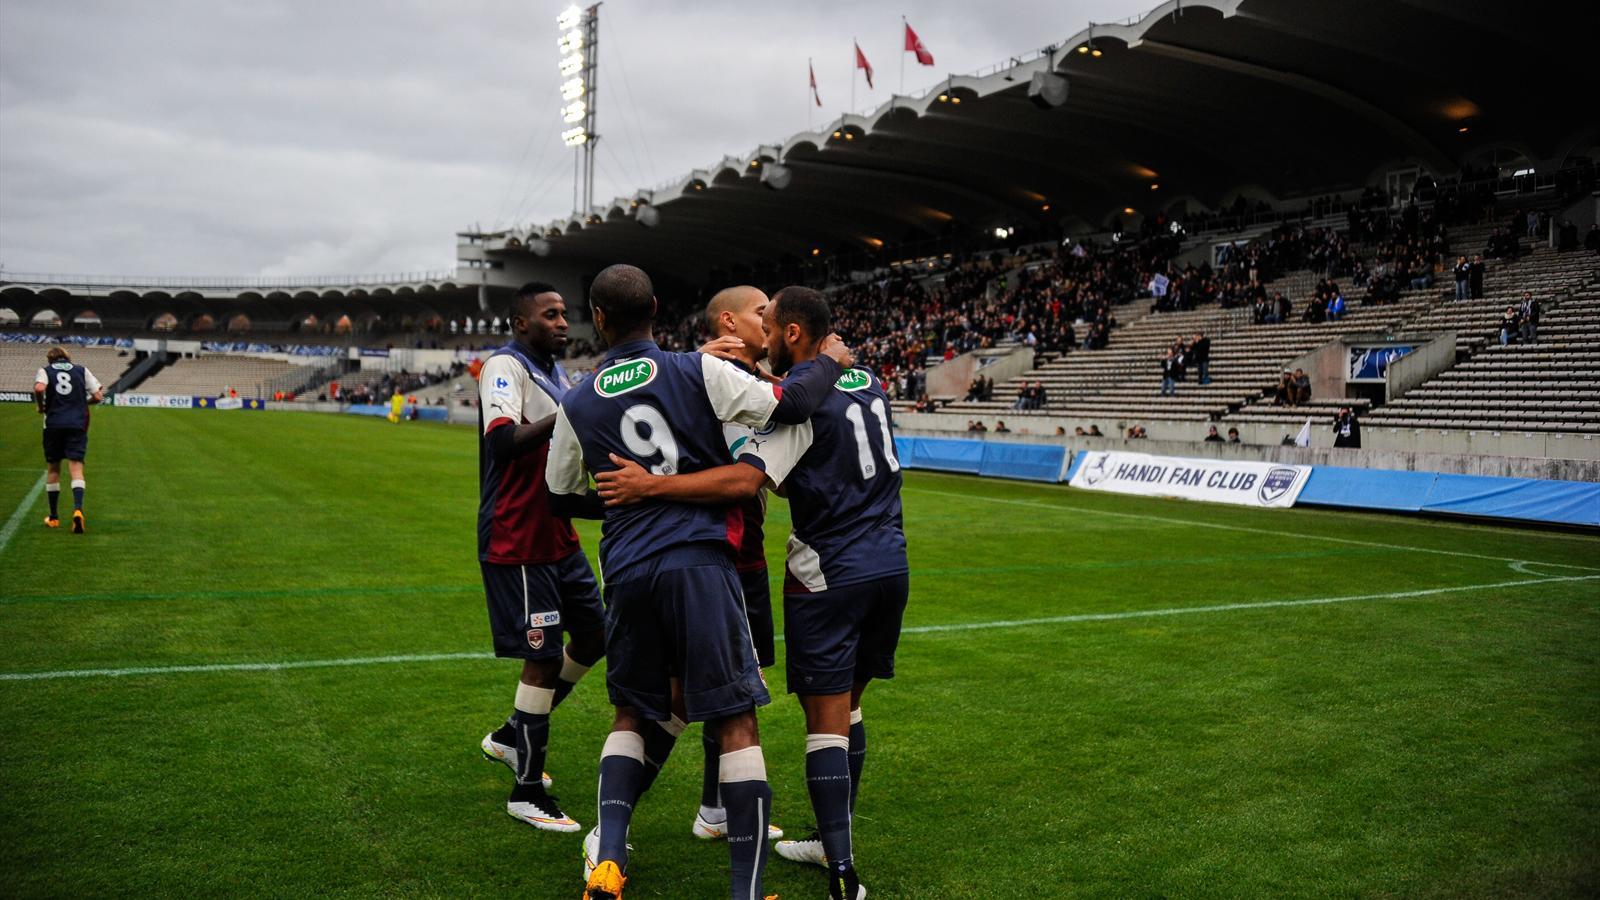 Coupe de france 32es de finale bordeaux bat toulouse - Calendrier de la coupe de france 2015 ...